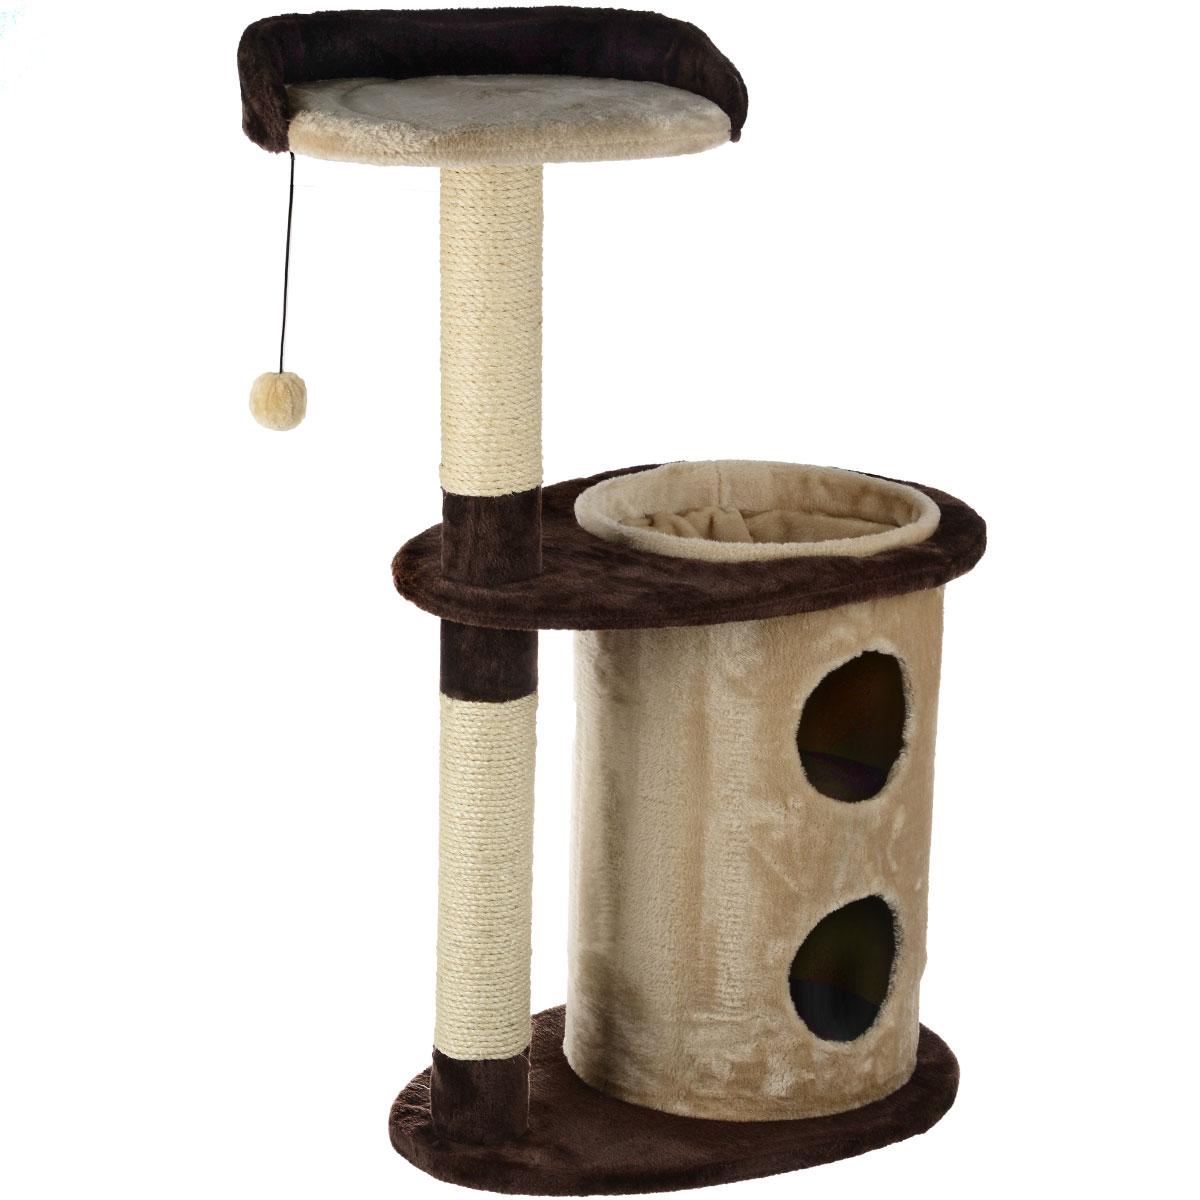 Домик-когтеточка I.P.T.S. Casa, 63 см х 43 см х 105 см25869Домик-когтеточка I.P.T.S. Casa изготовлен из ДСП, обтянут мягким плюшем. Столбик-когтеточка изготовлен из натурального материала сизаля.Двухуровневый домик оснащен туннелем-норой, где можно укрыться от посторонних глаз, площадкой с бортиком для сна и отдыха, а также подвесной игрушкой, с которой ваш питомец будет забавно играть.